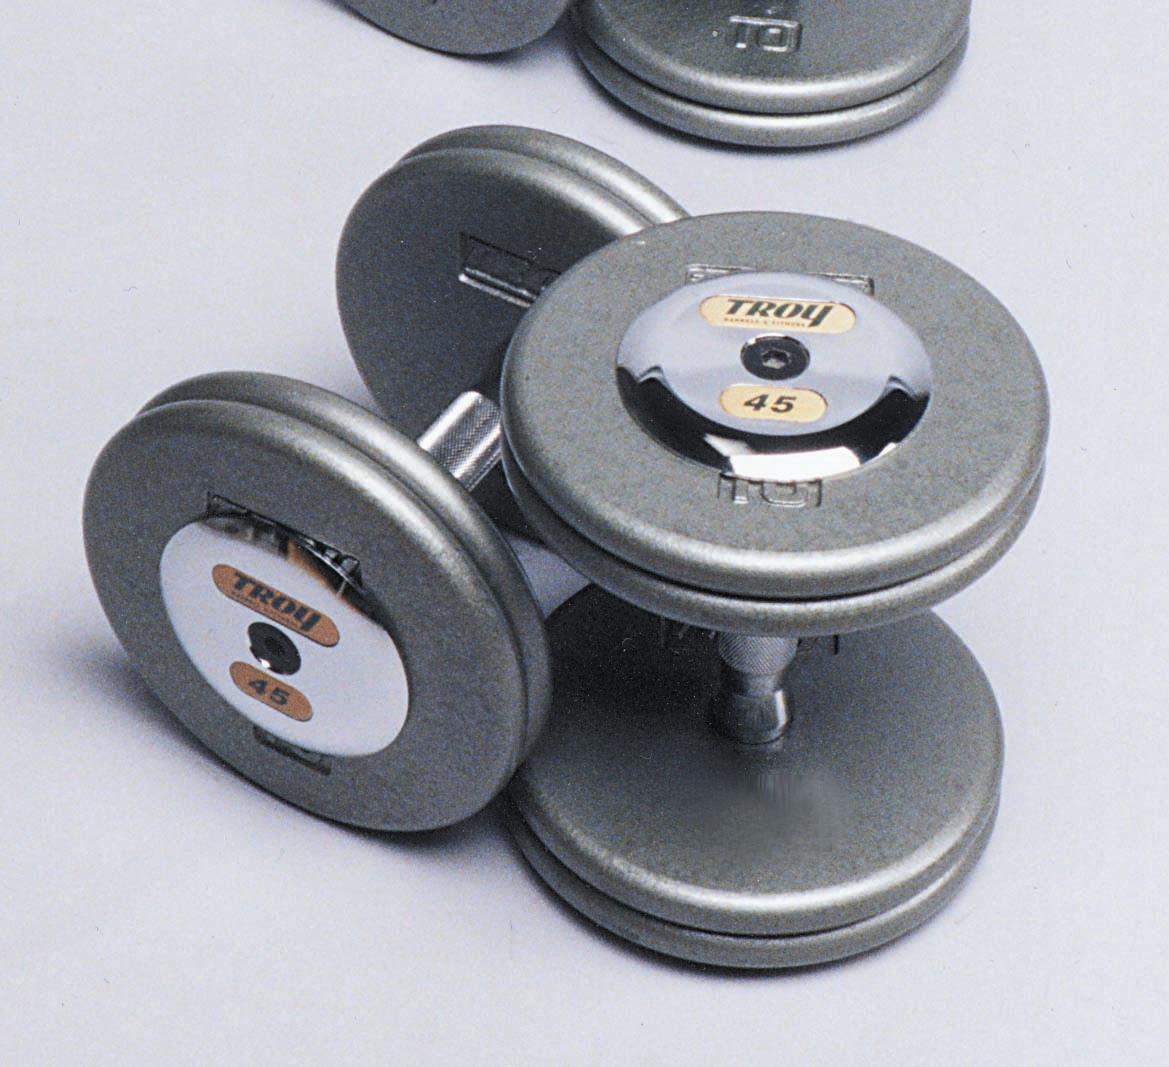 Troy Iron Pro-Style Hammertone Dumbbell Set 5-50 HFD-C